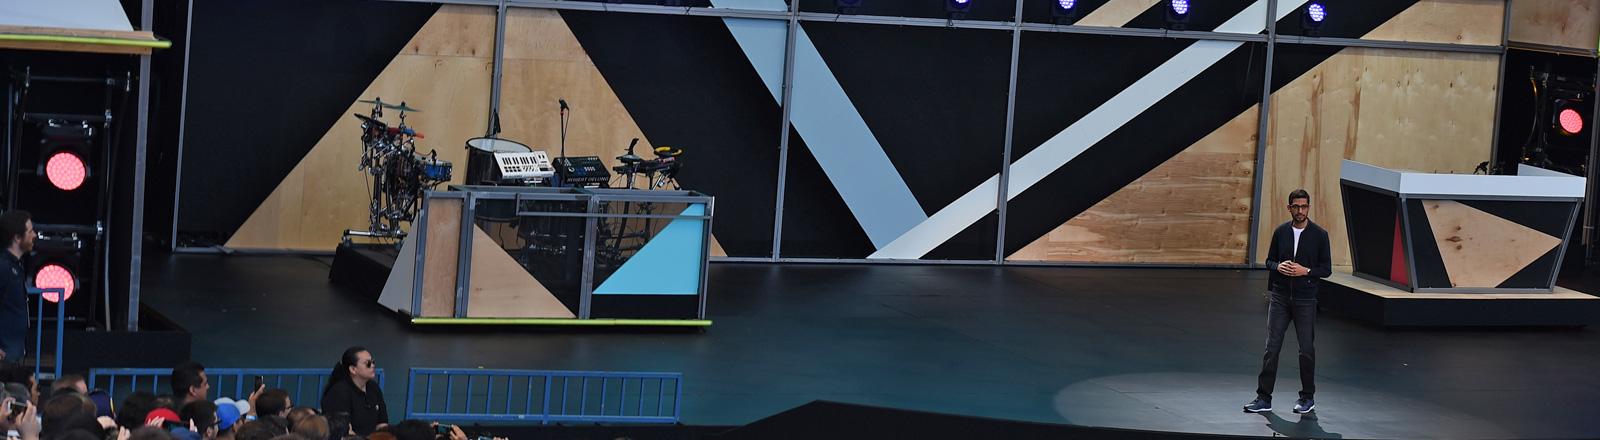 Beim Start der Entwicklerkonferenz Google I/O steht Google-Chef Sundar Pichai auf einer großen Bühne (18.05.2016); Foto: dpa